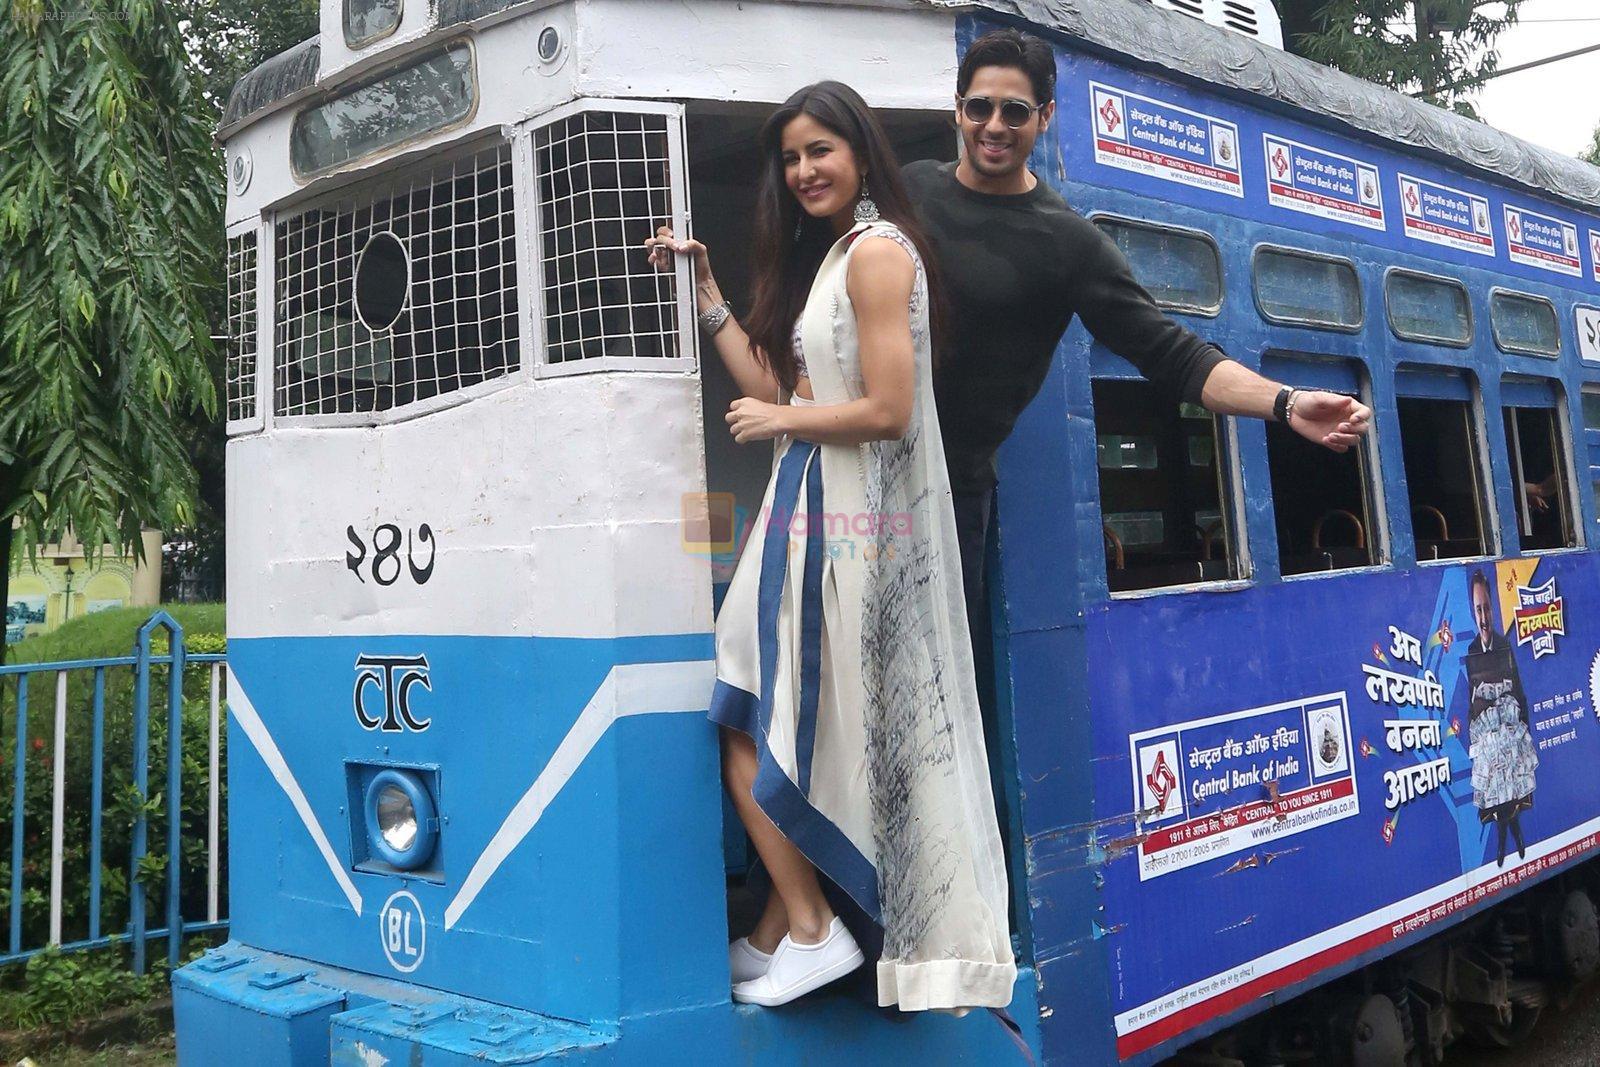 Sidharth Malhotra and Katrina Kaif in Kolkatta on 31st Aug 2016